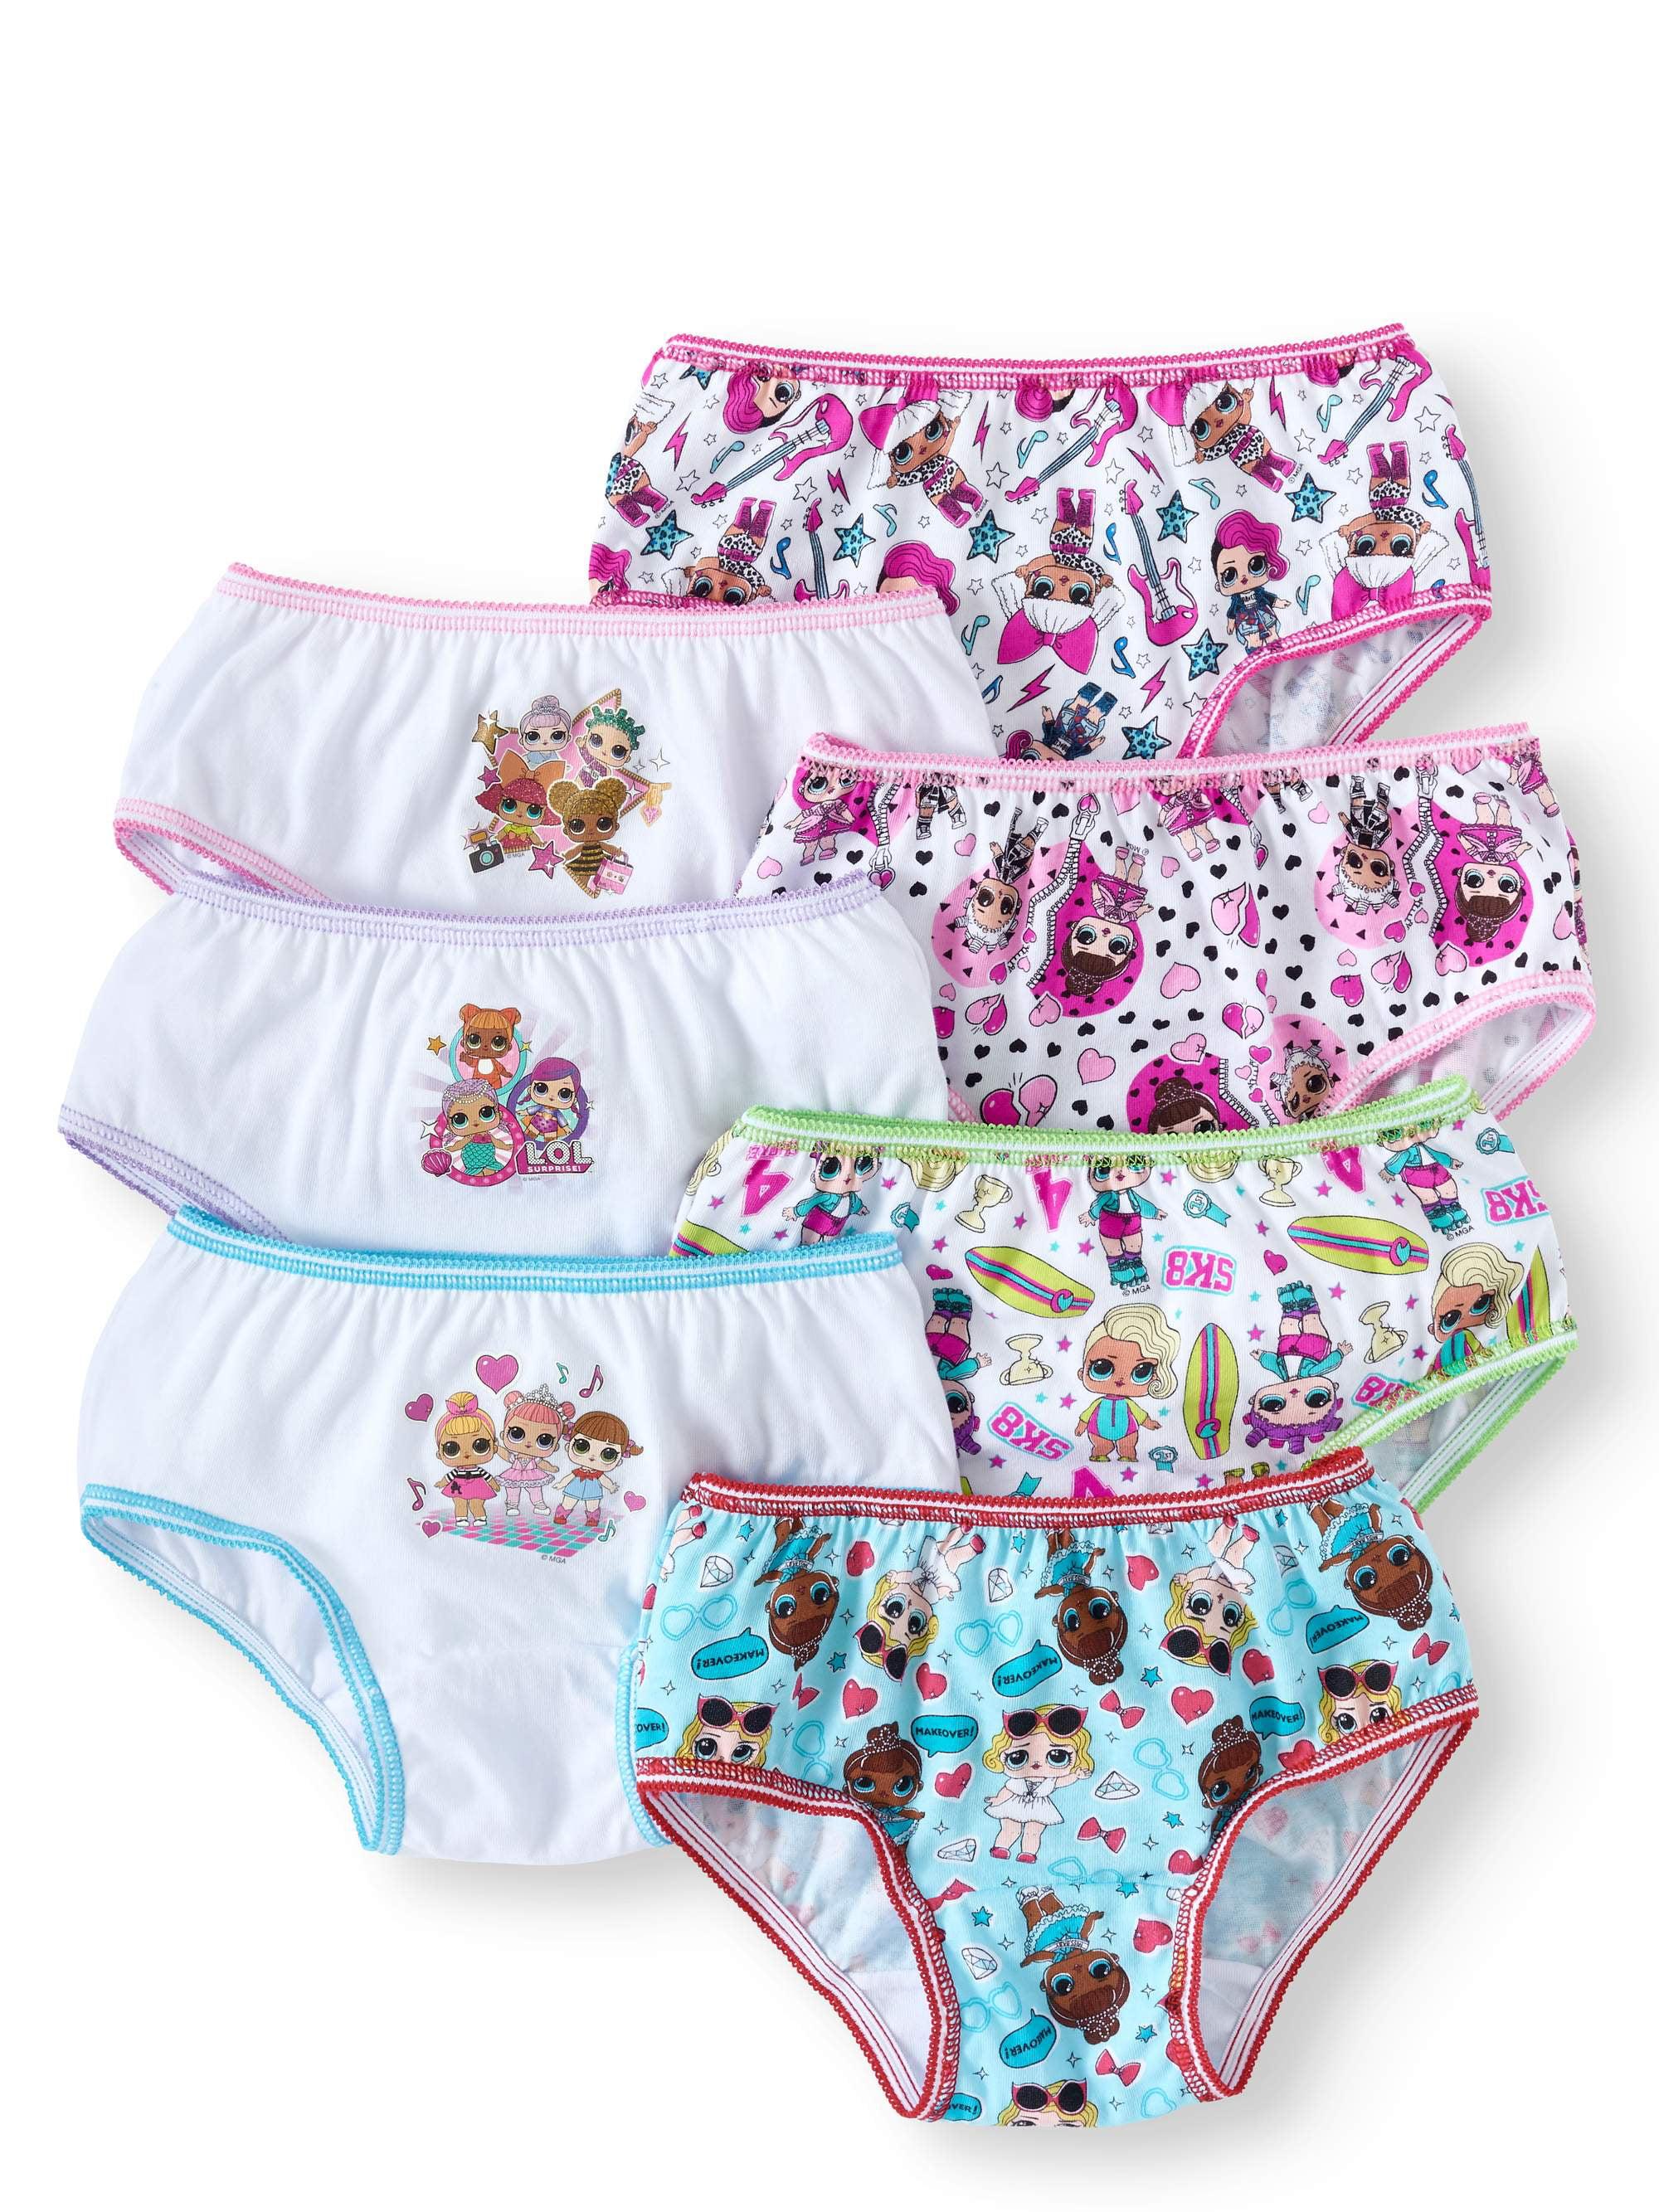 Girls Underwear, 7 Pack